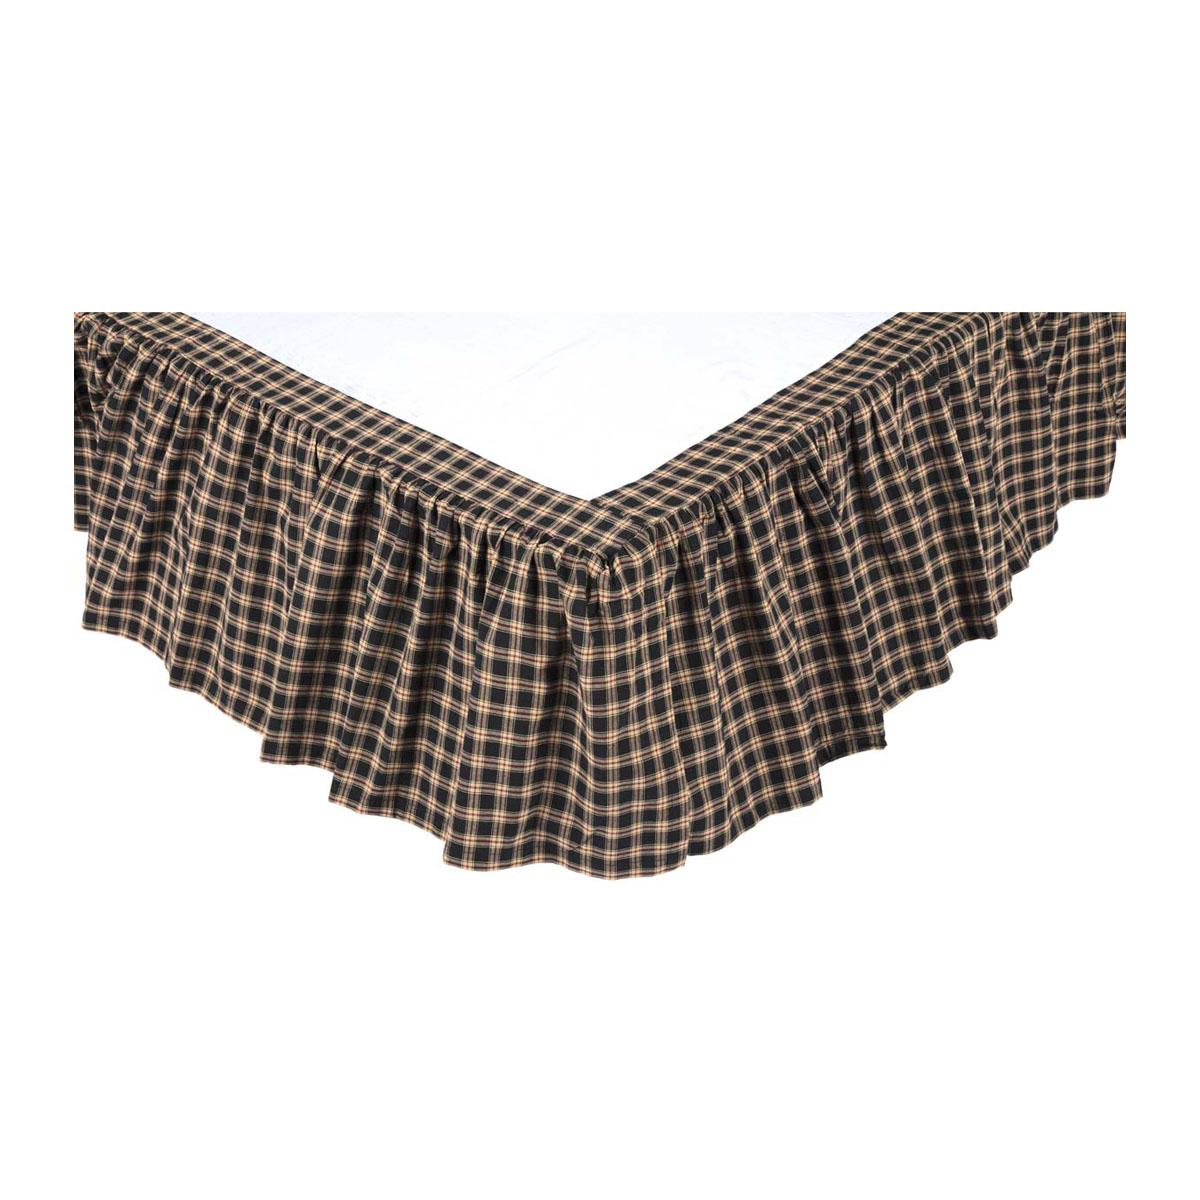 Bingham Star Queen Bed Skirt